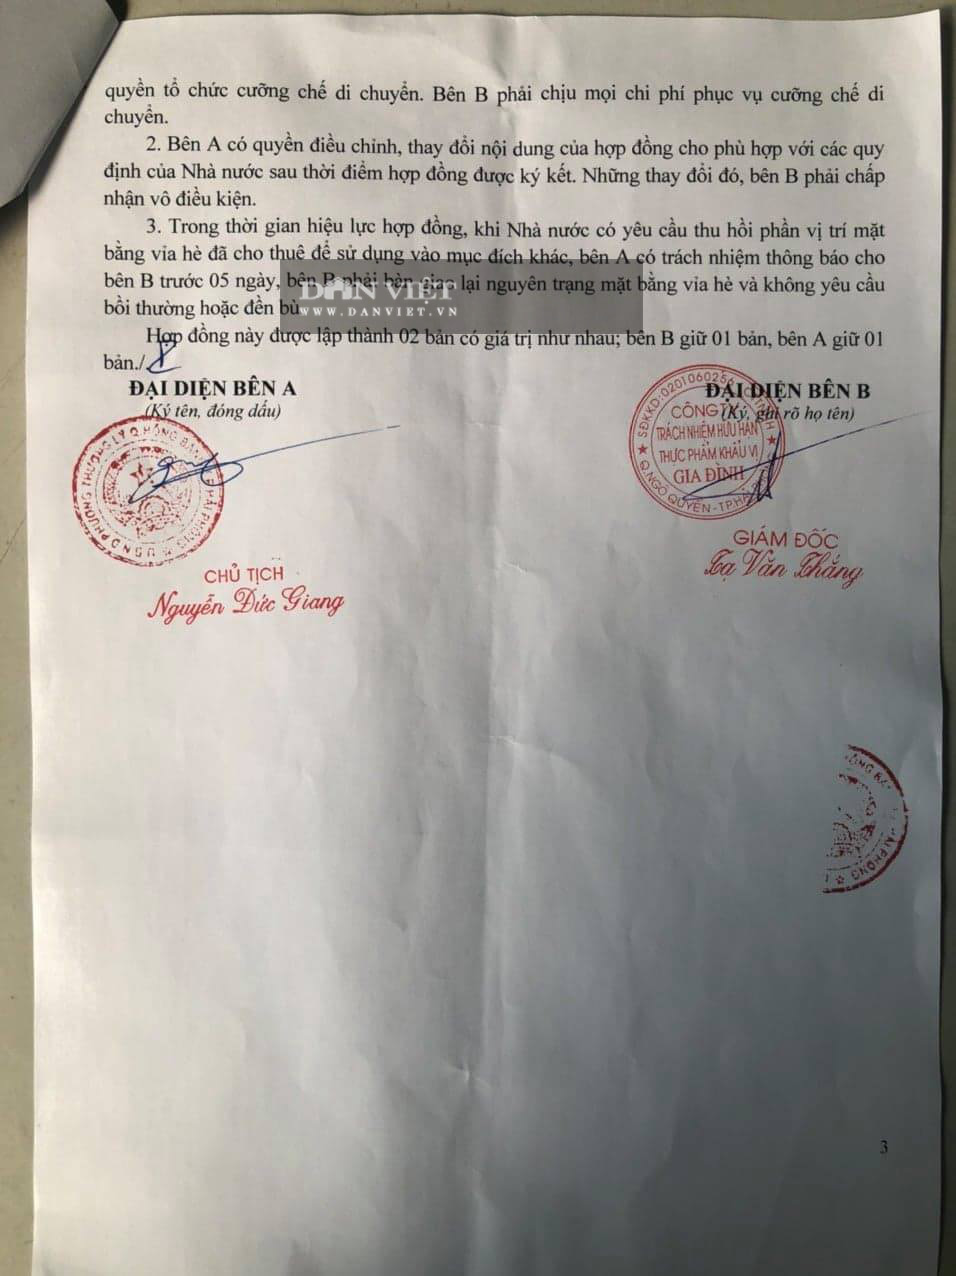 Hải Phòng: Phường ký hợp đồng cho thuê, mượn vỉa hè để làm quầy bán bánh Trung thu - Ảnh 4.